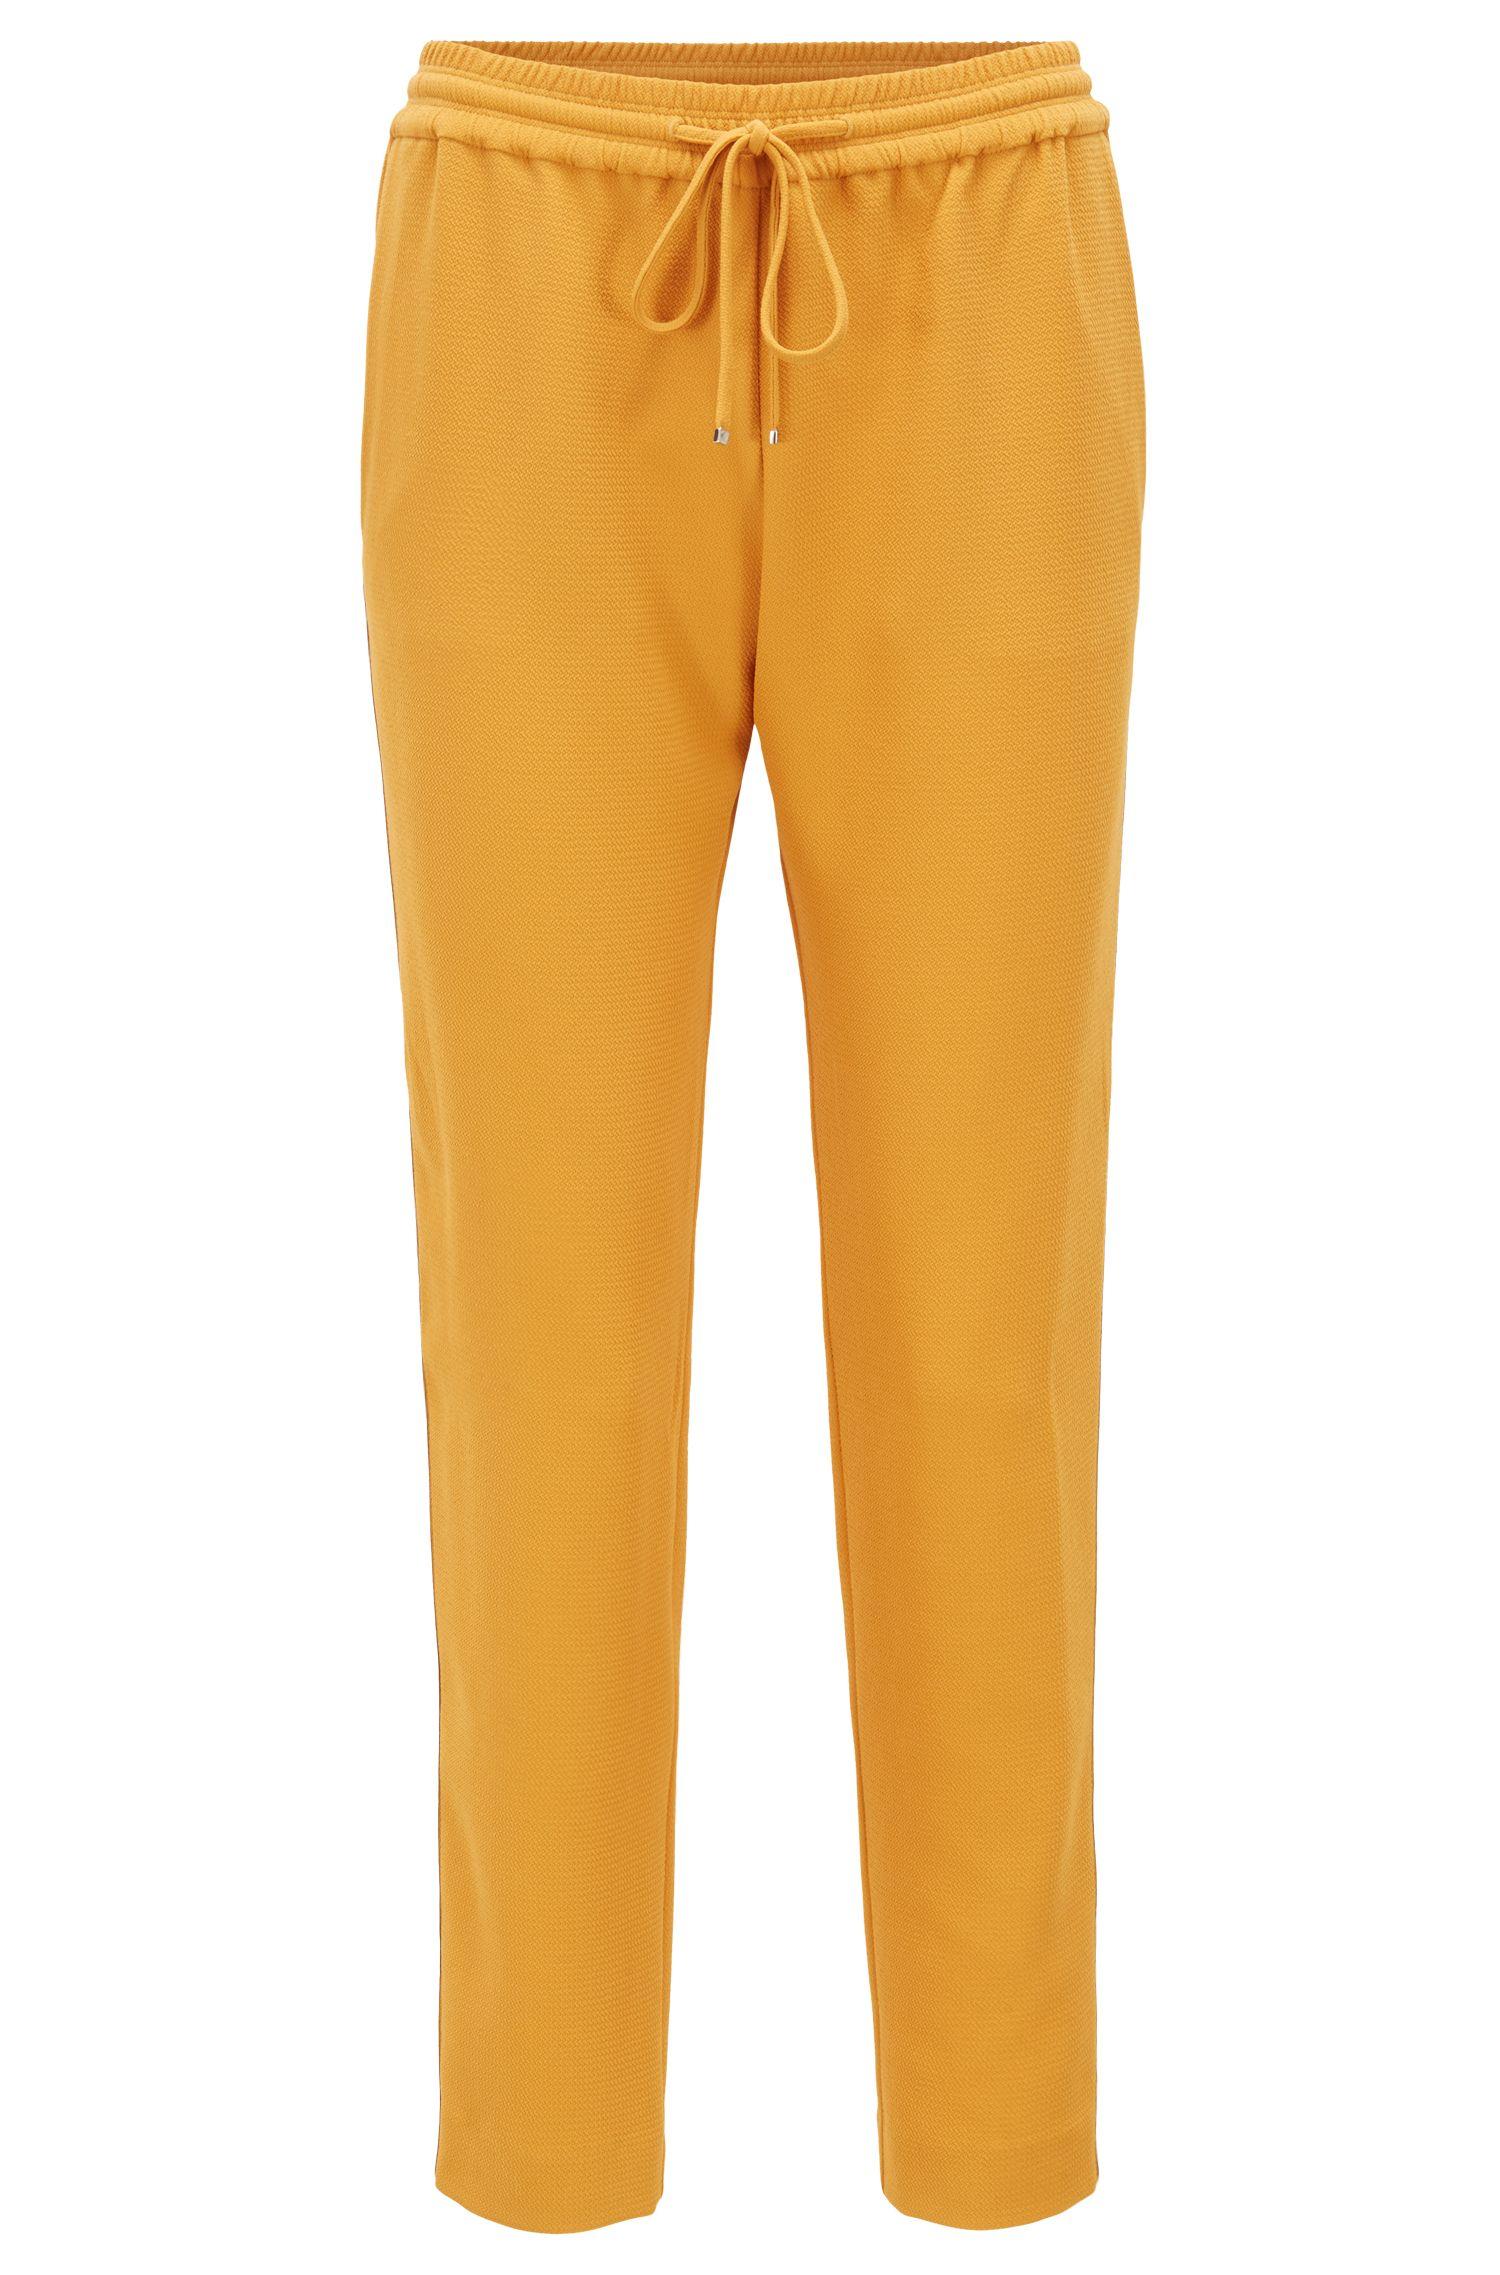 Pantalon en crêpe Regular Fit avec rubans sur les coutures latérales, Or